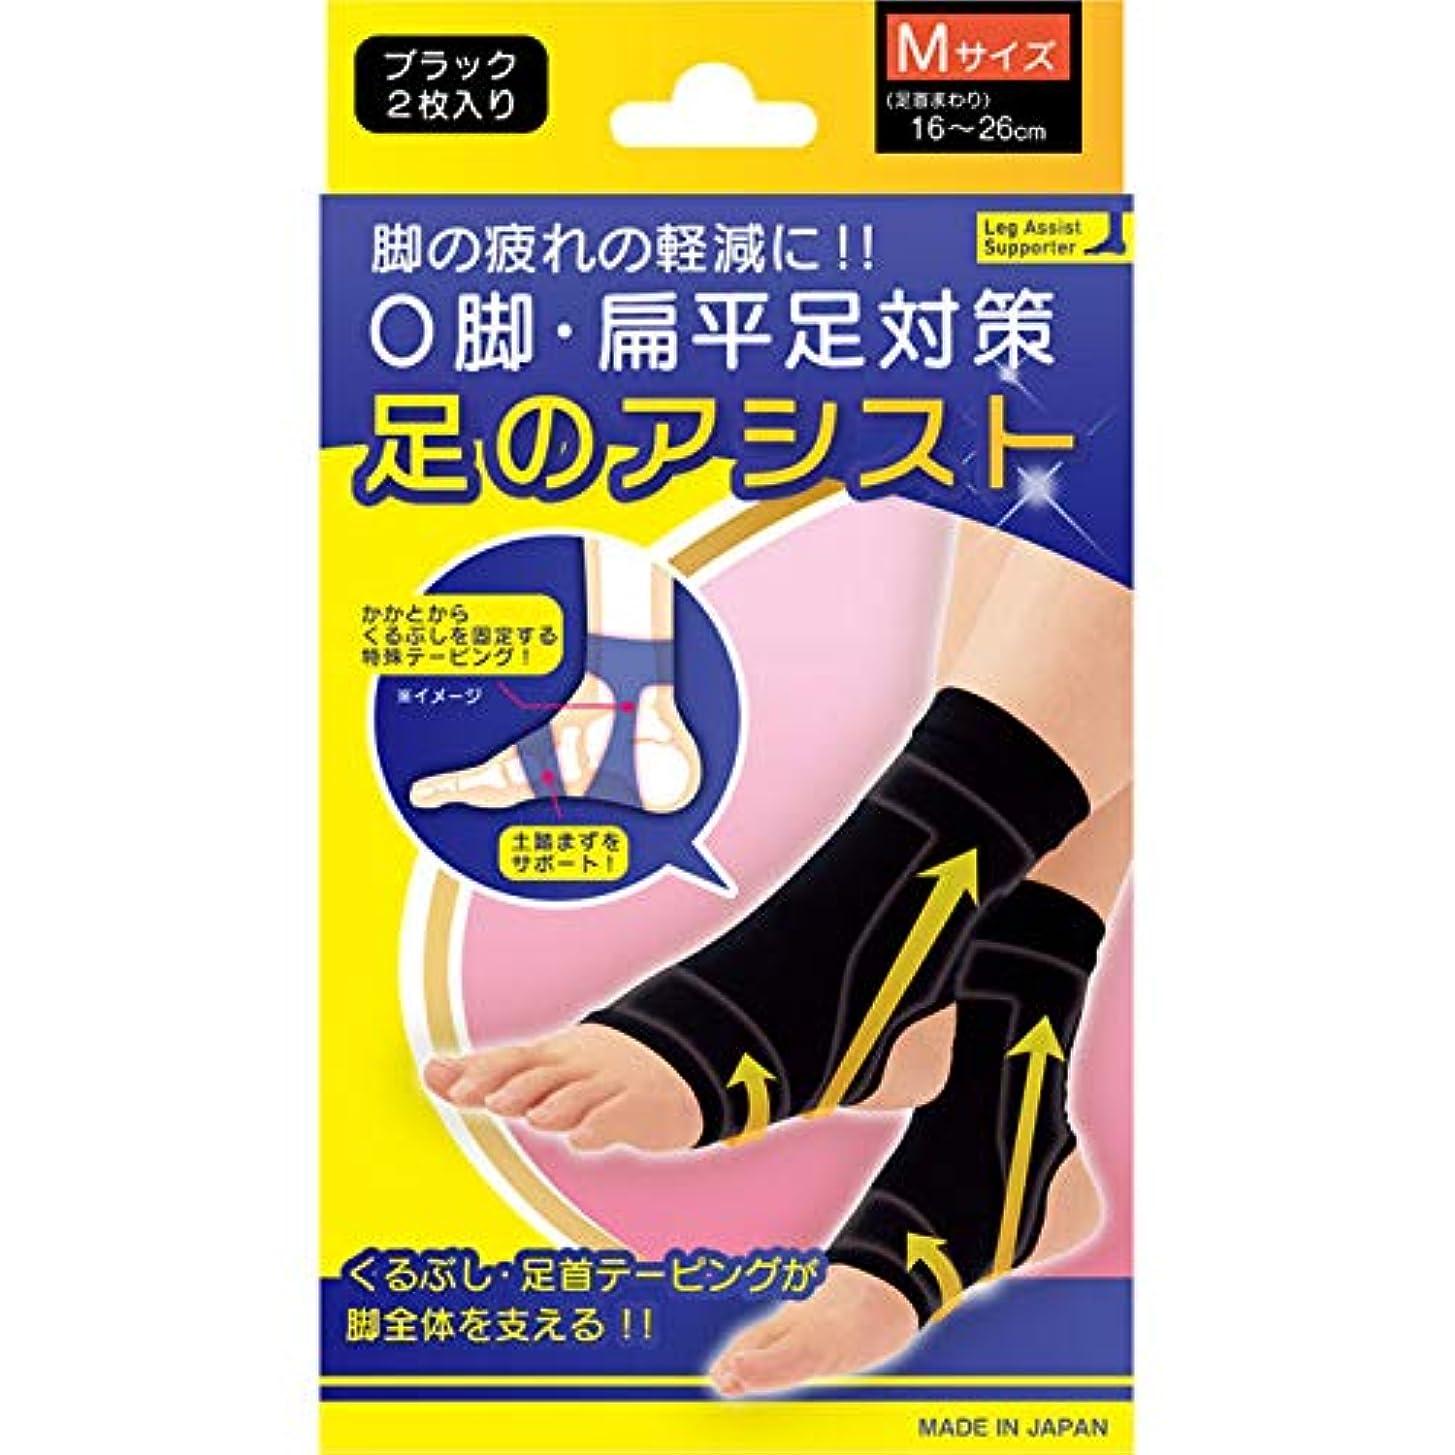 尾事務所タオル美脚足のアシスト ブラック 2枚入り Mサイズ(足首まわり16~26cm)